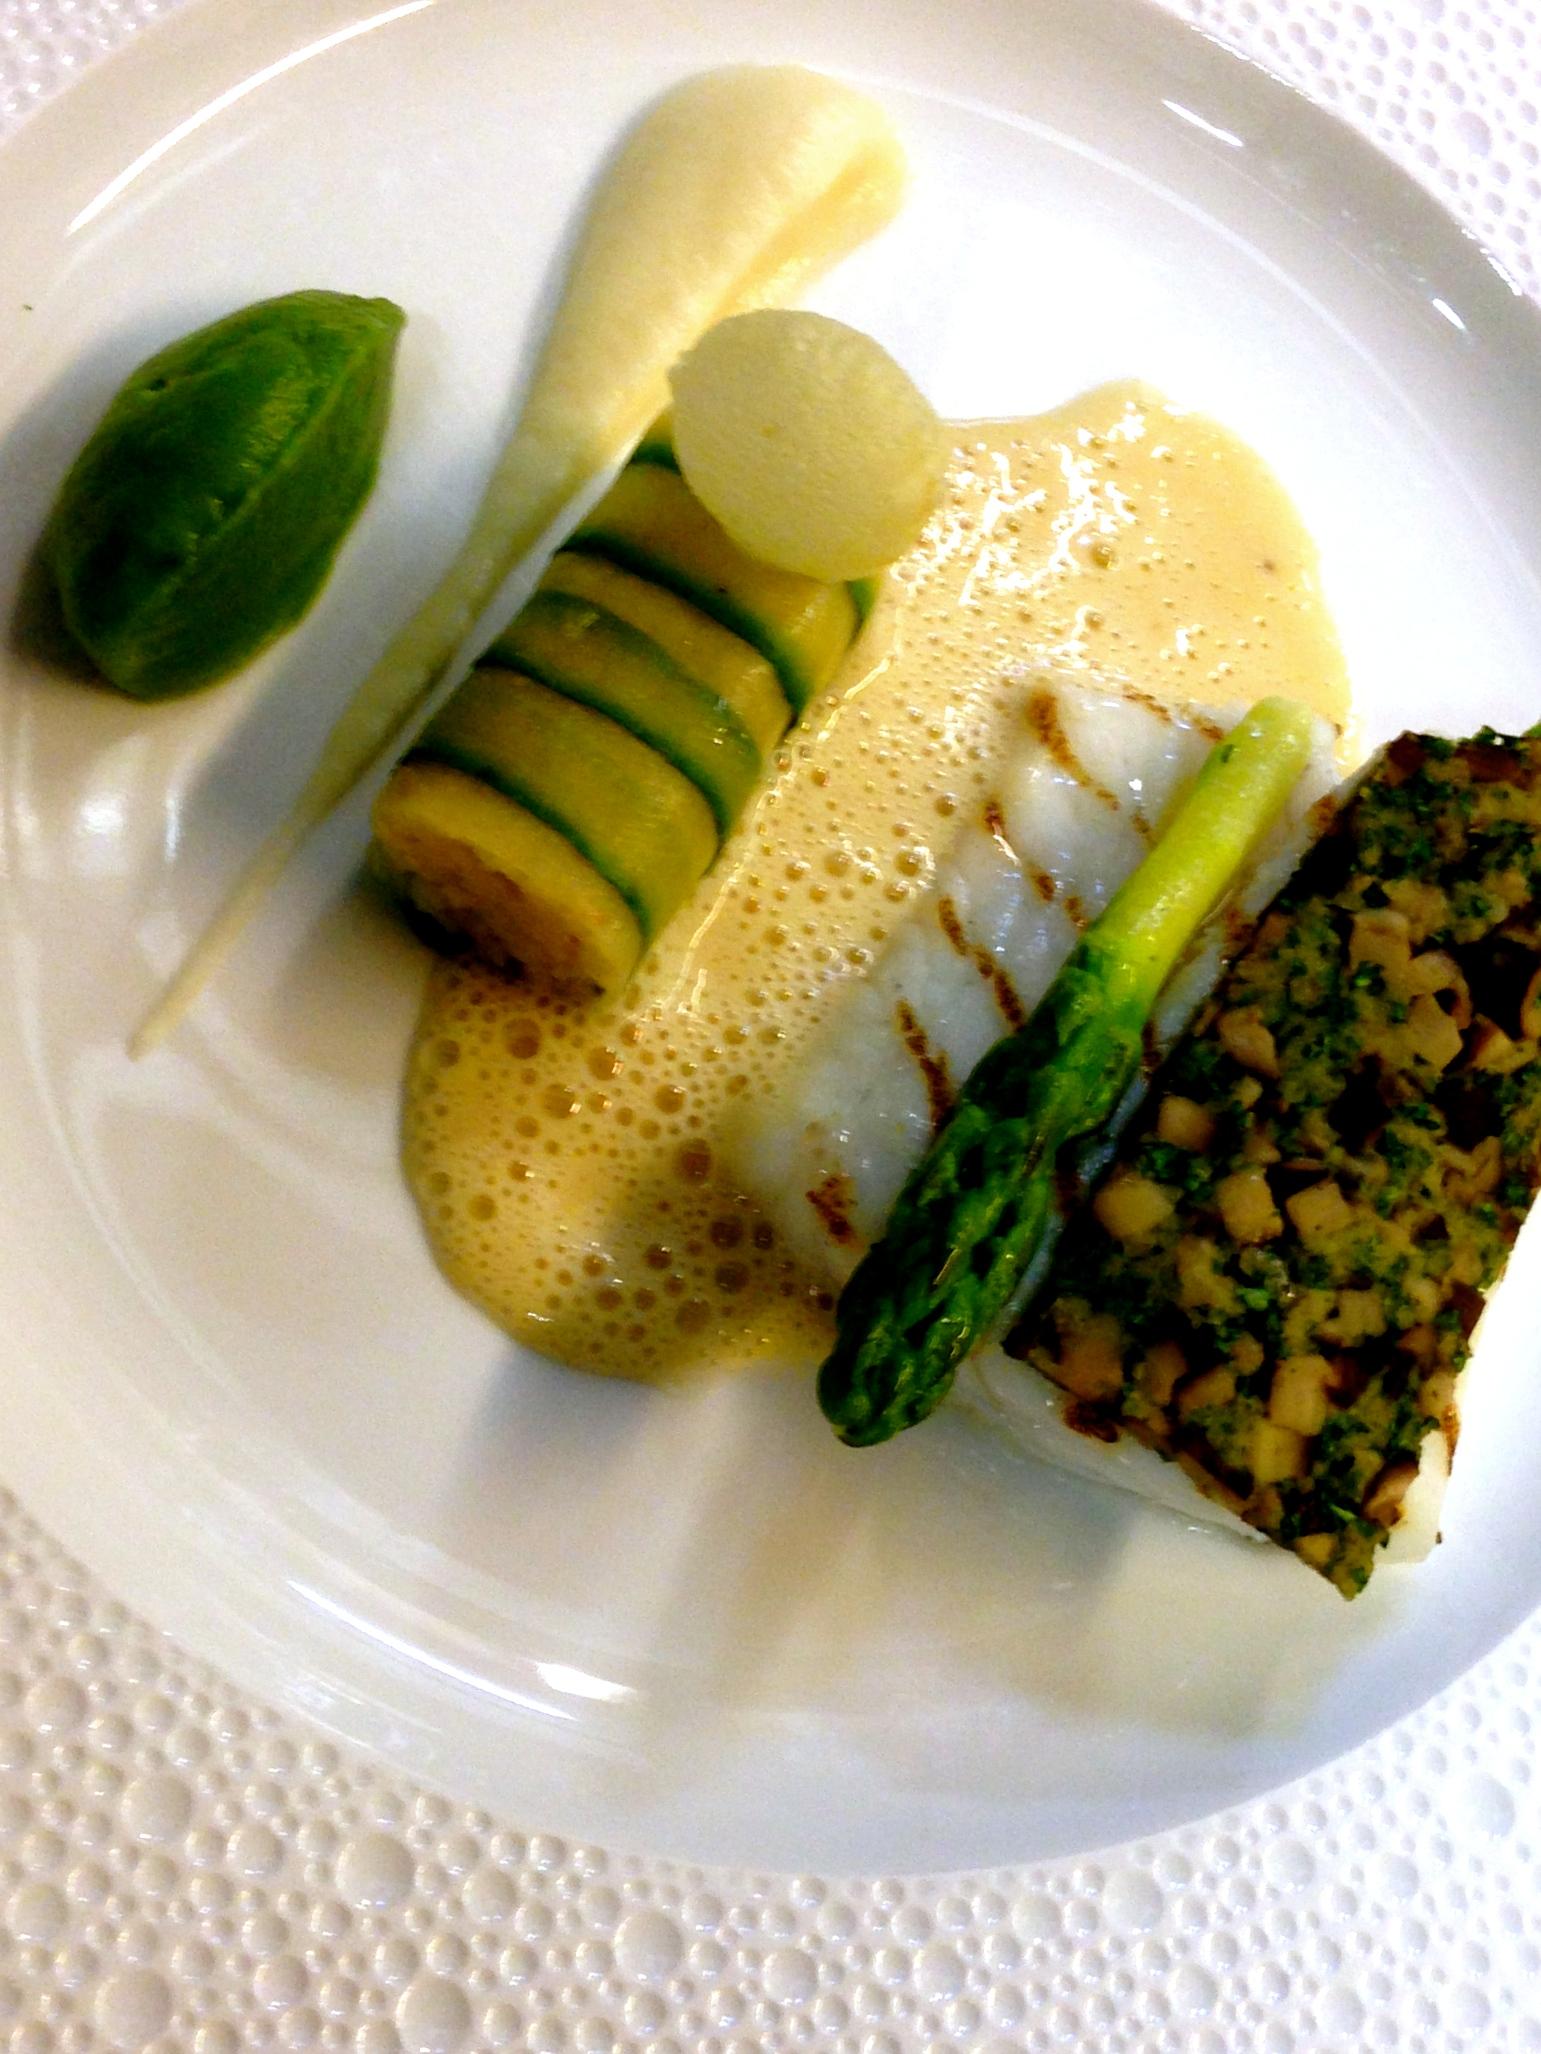 De eetkamer in middelburg - Idee van de eetkamer ...